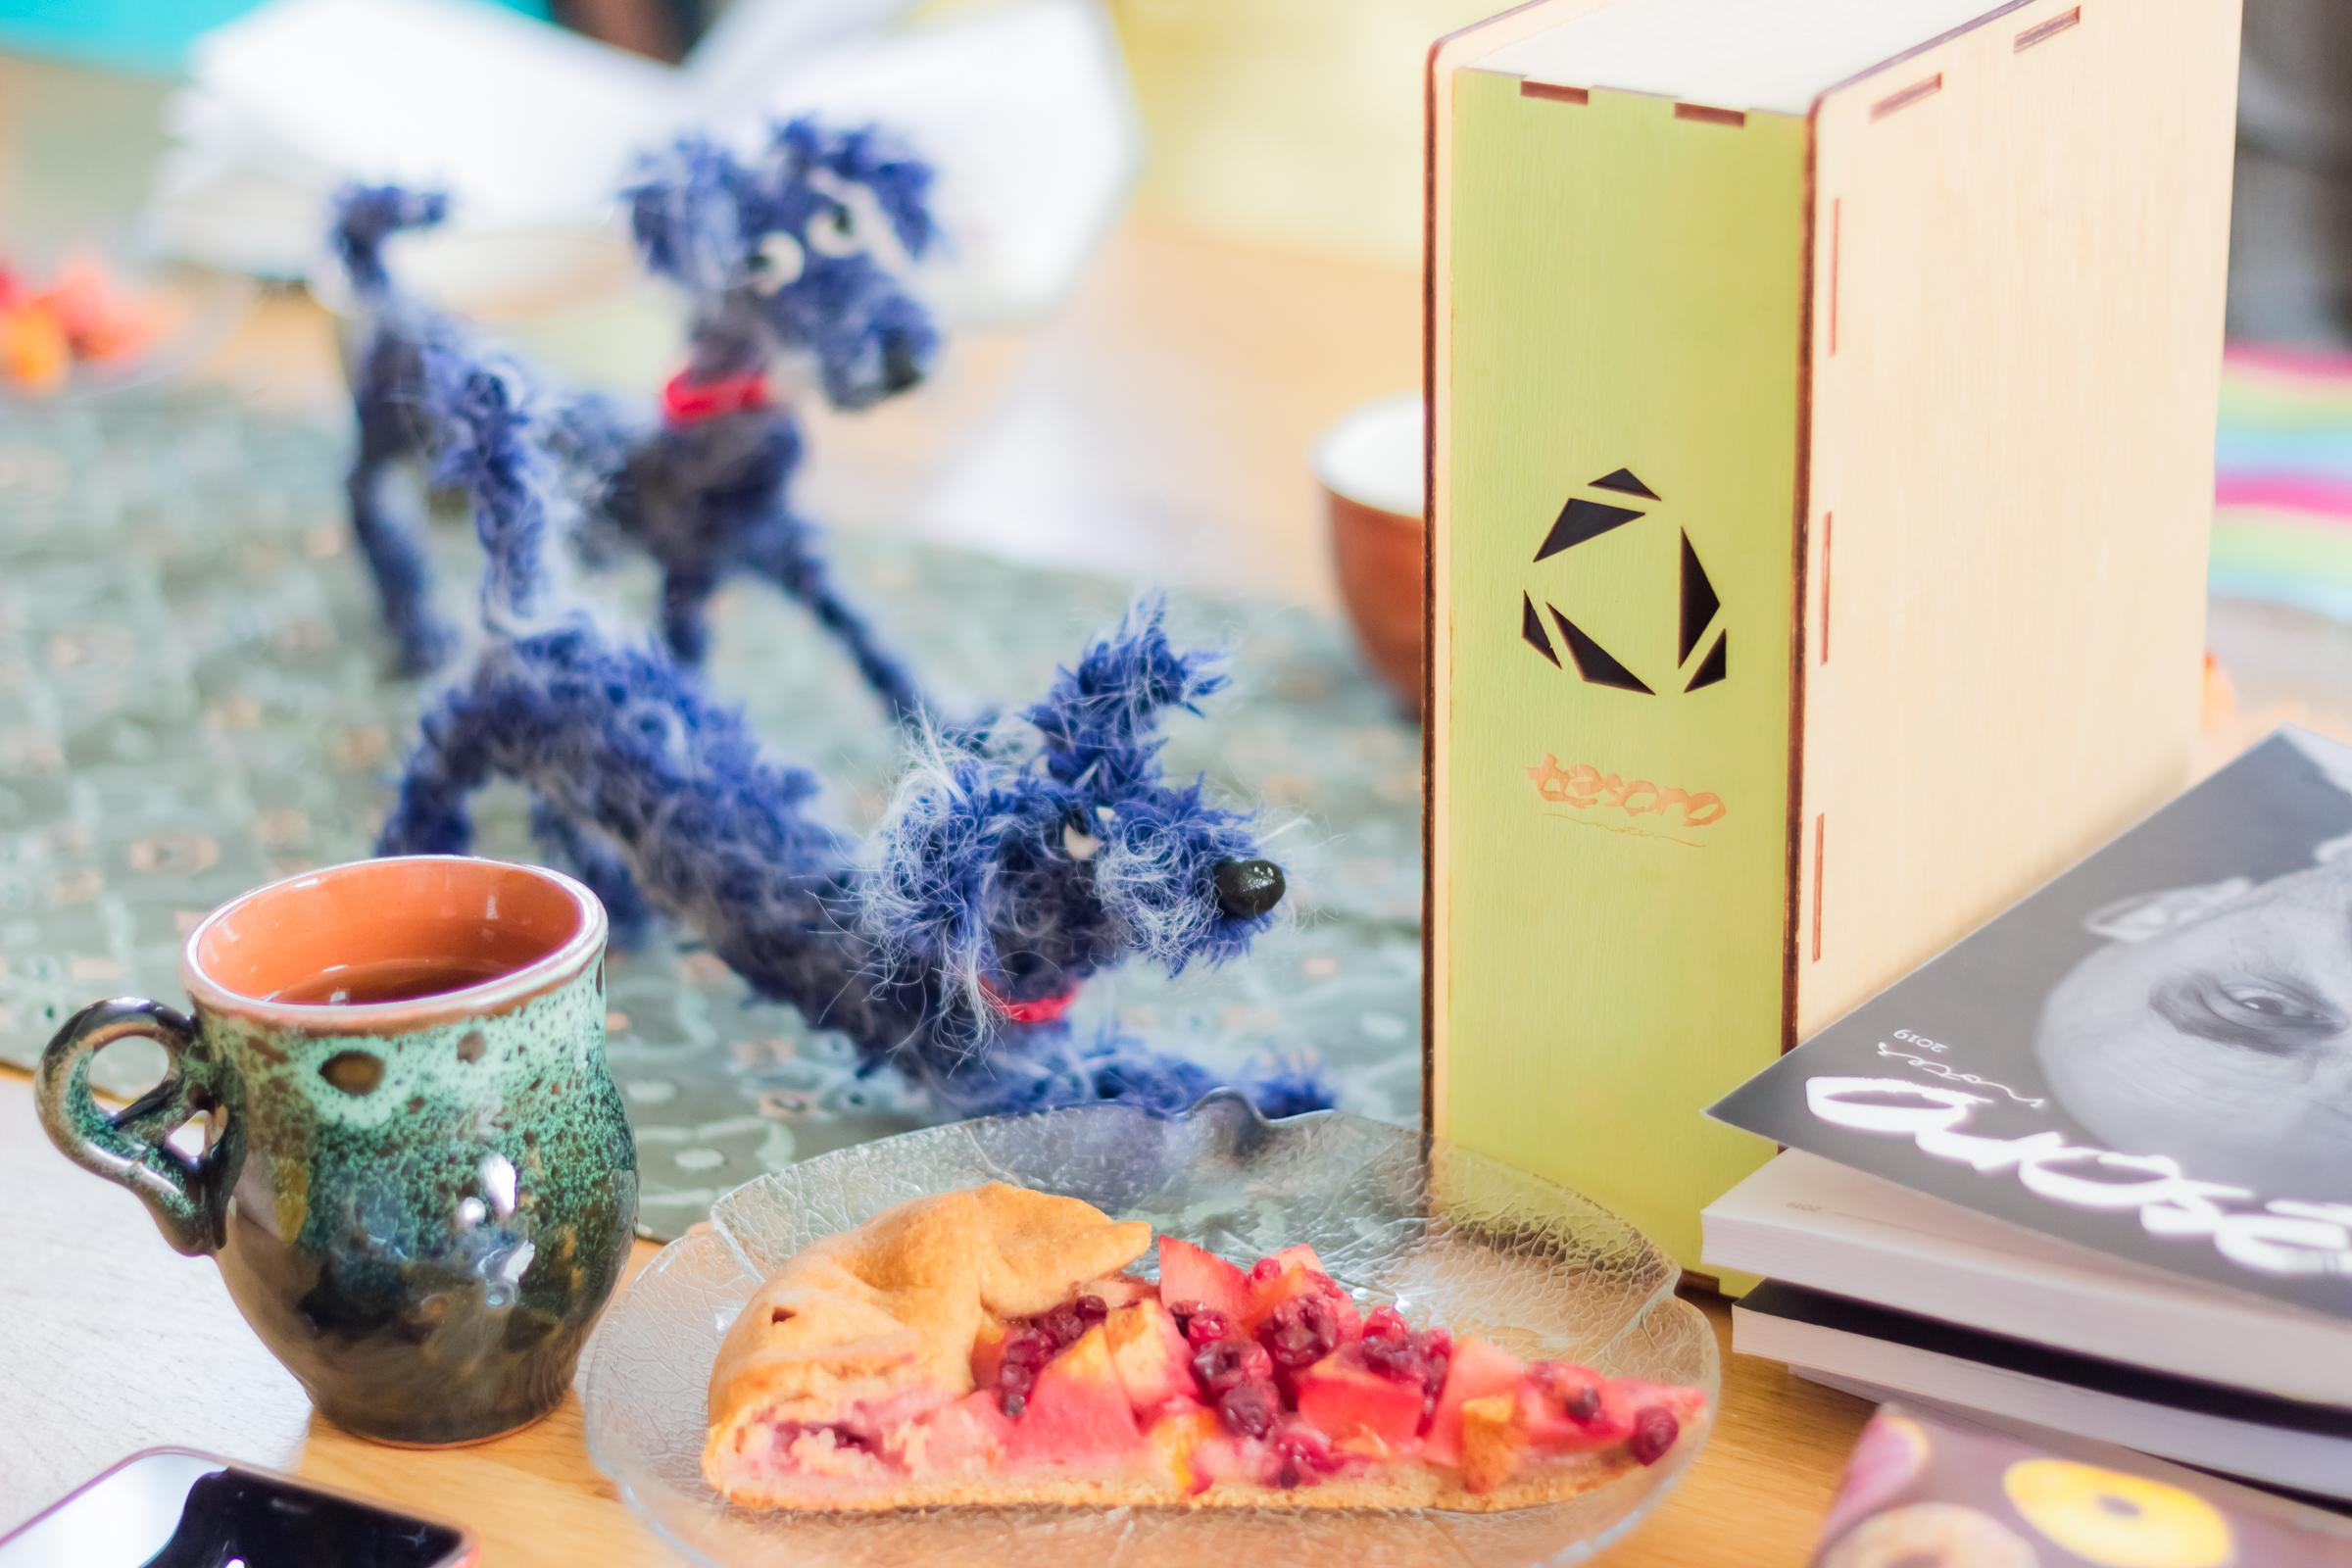 Завтрак с Tesoro notes как особый вид искусства